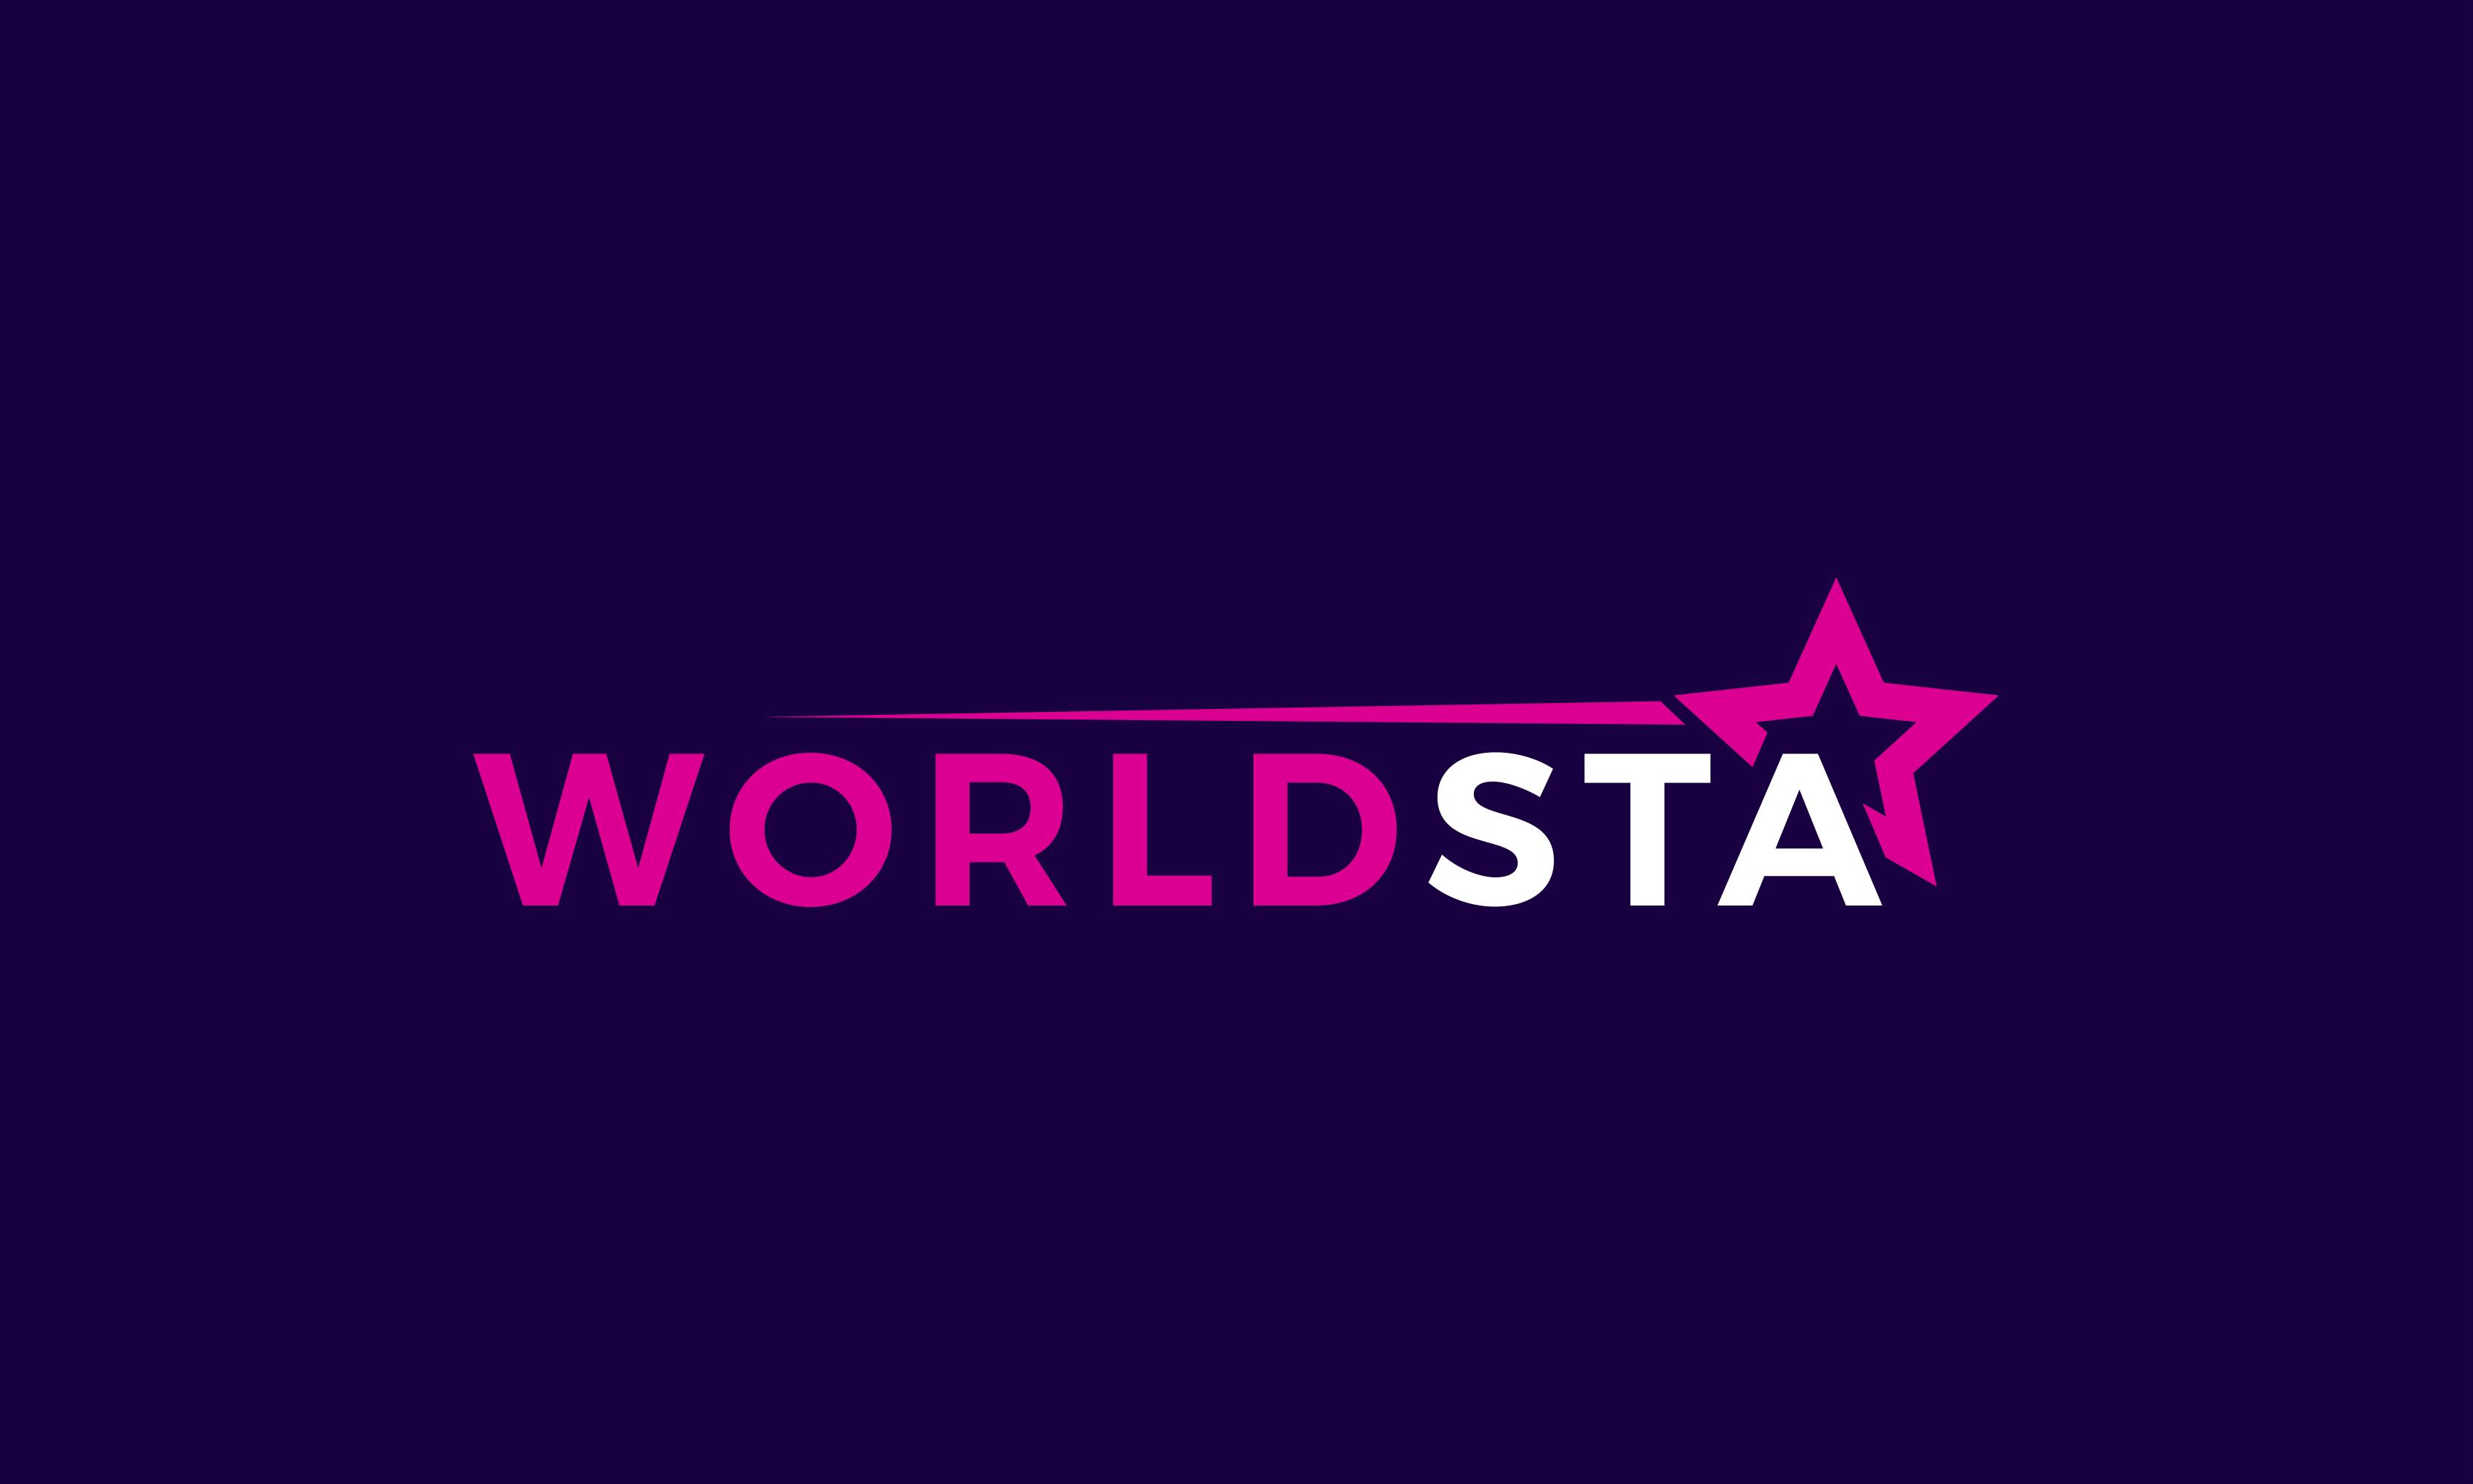 Worldsta